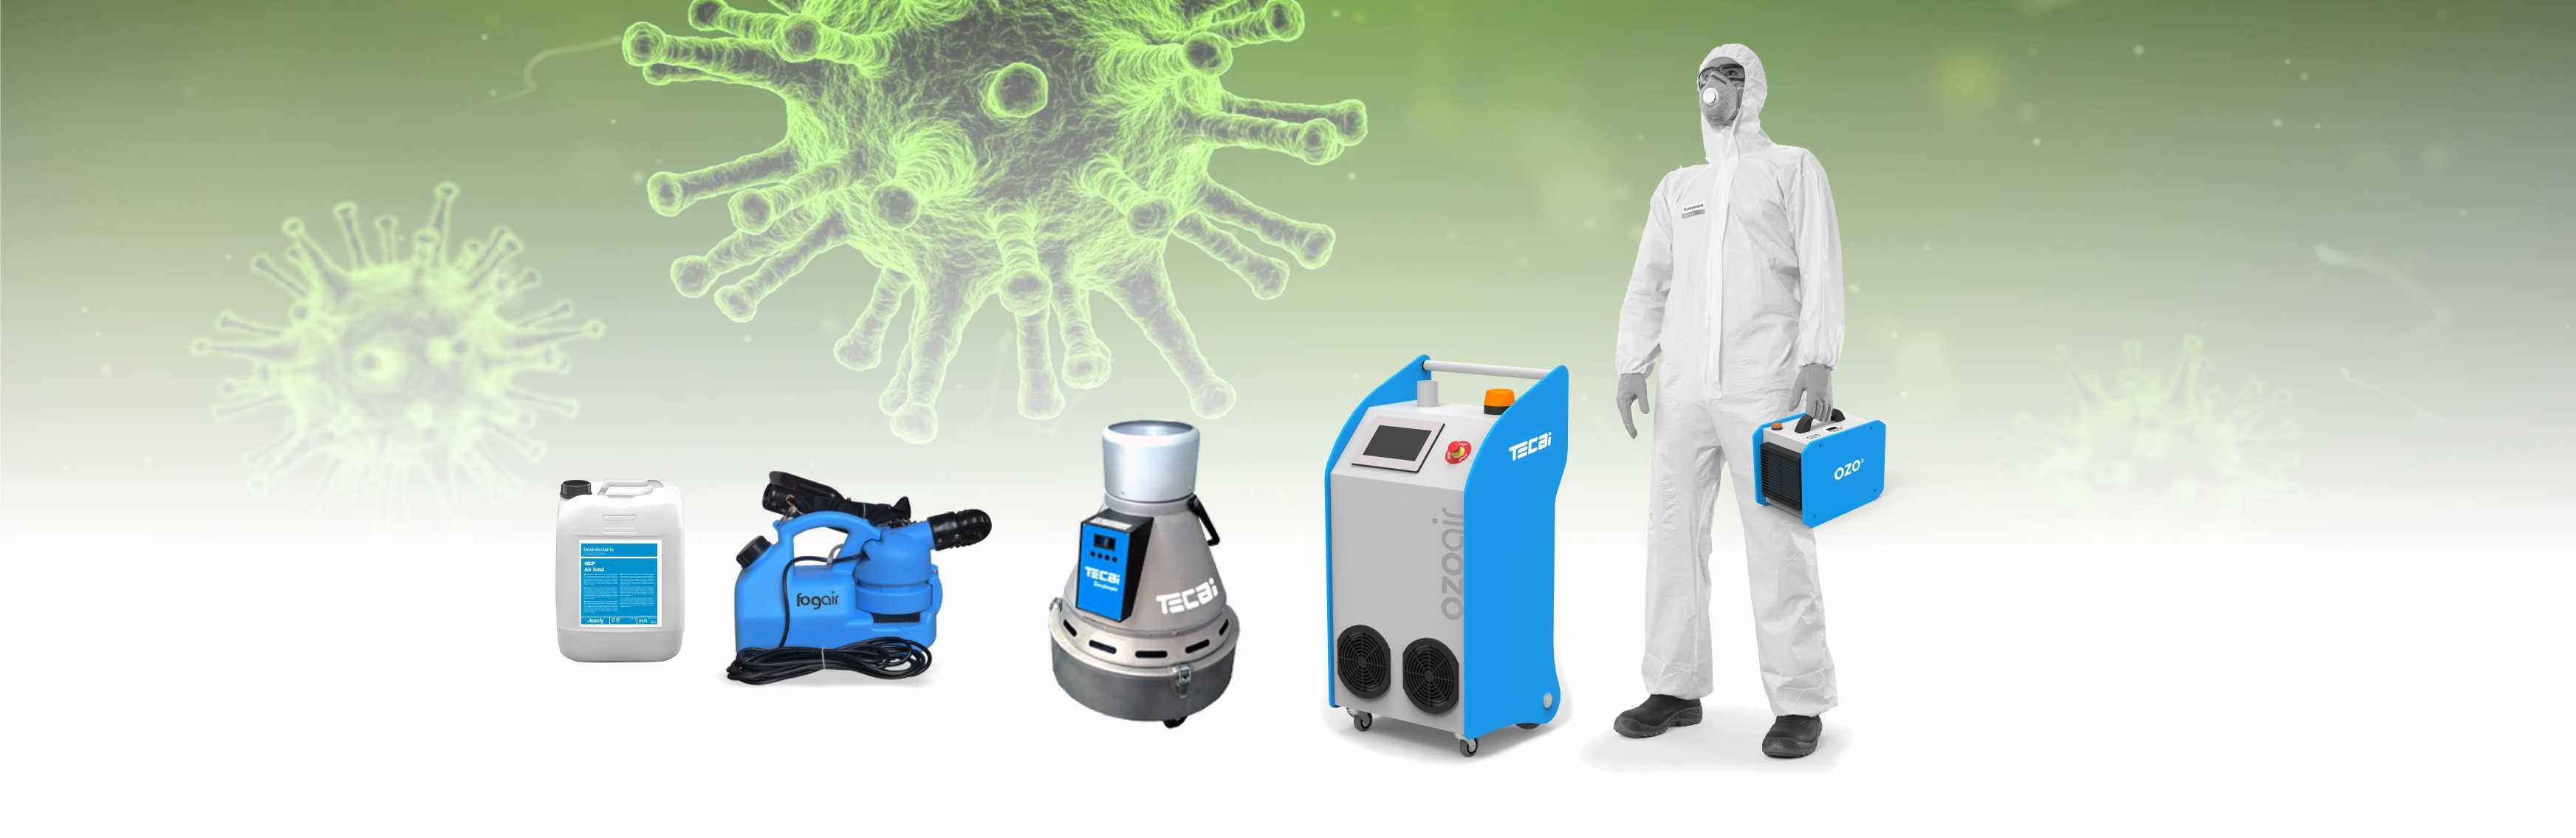 attrezzature per la disinfezione dei virus